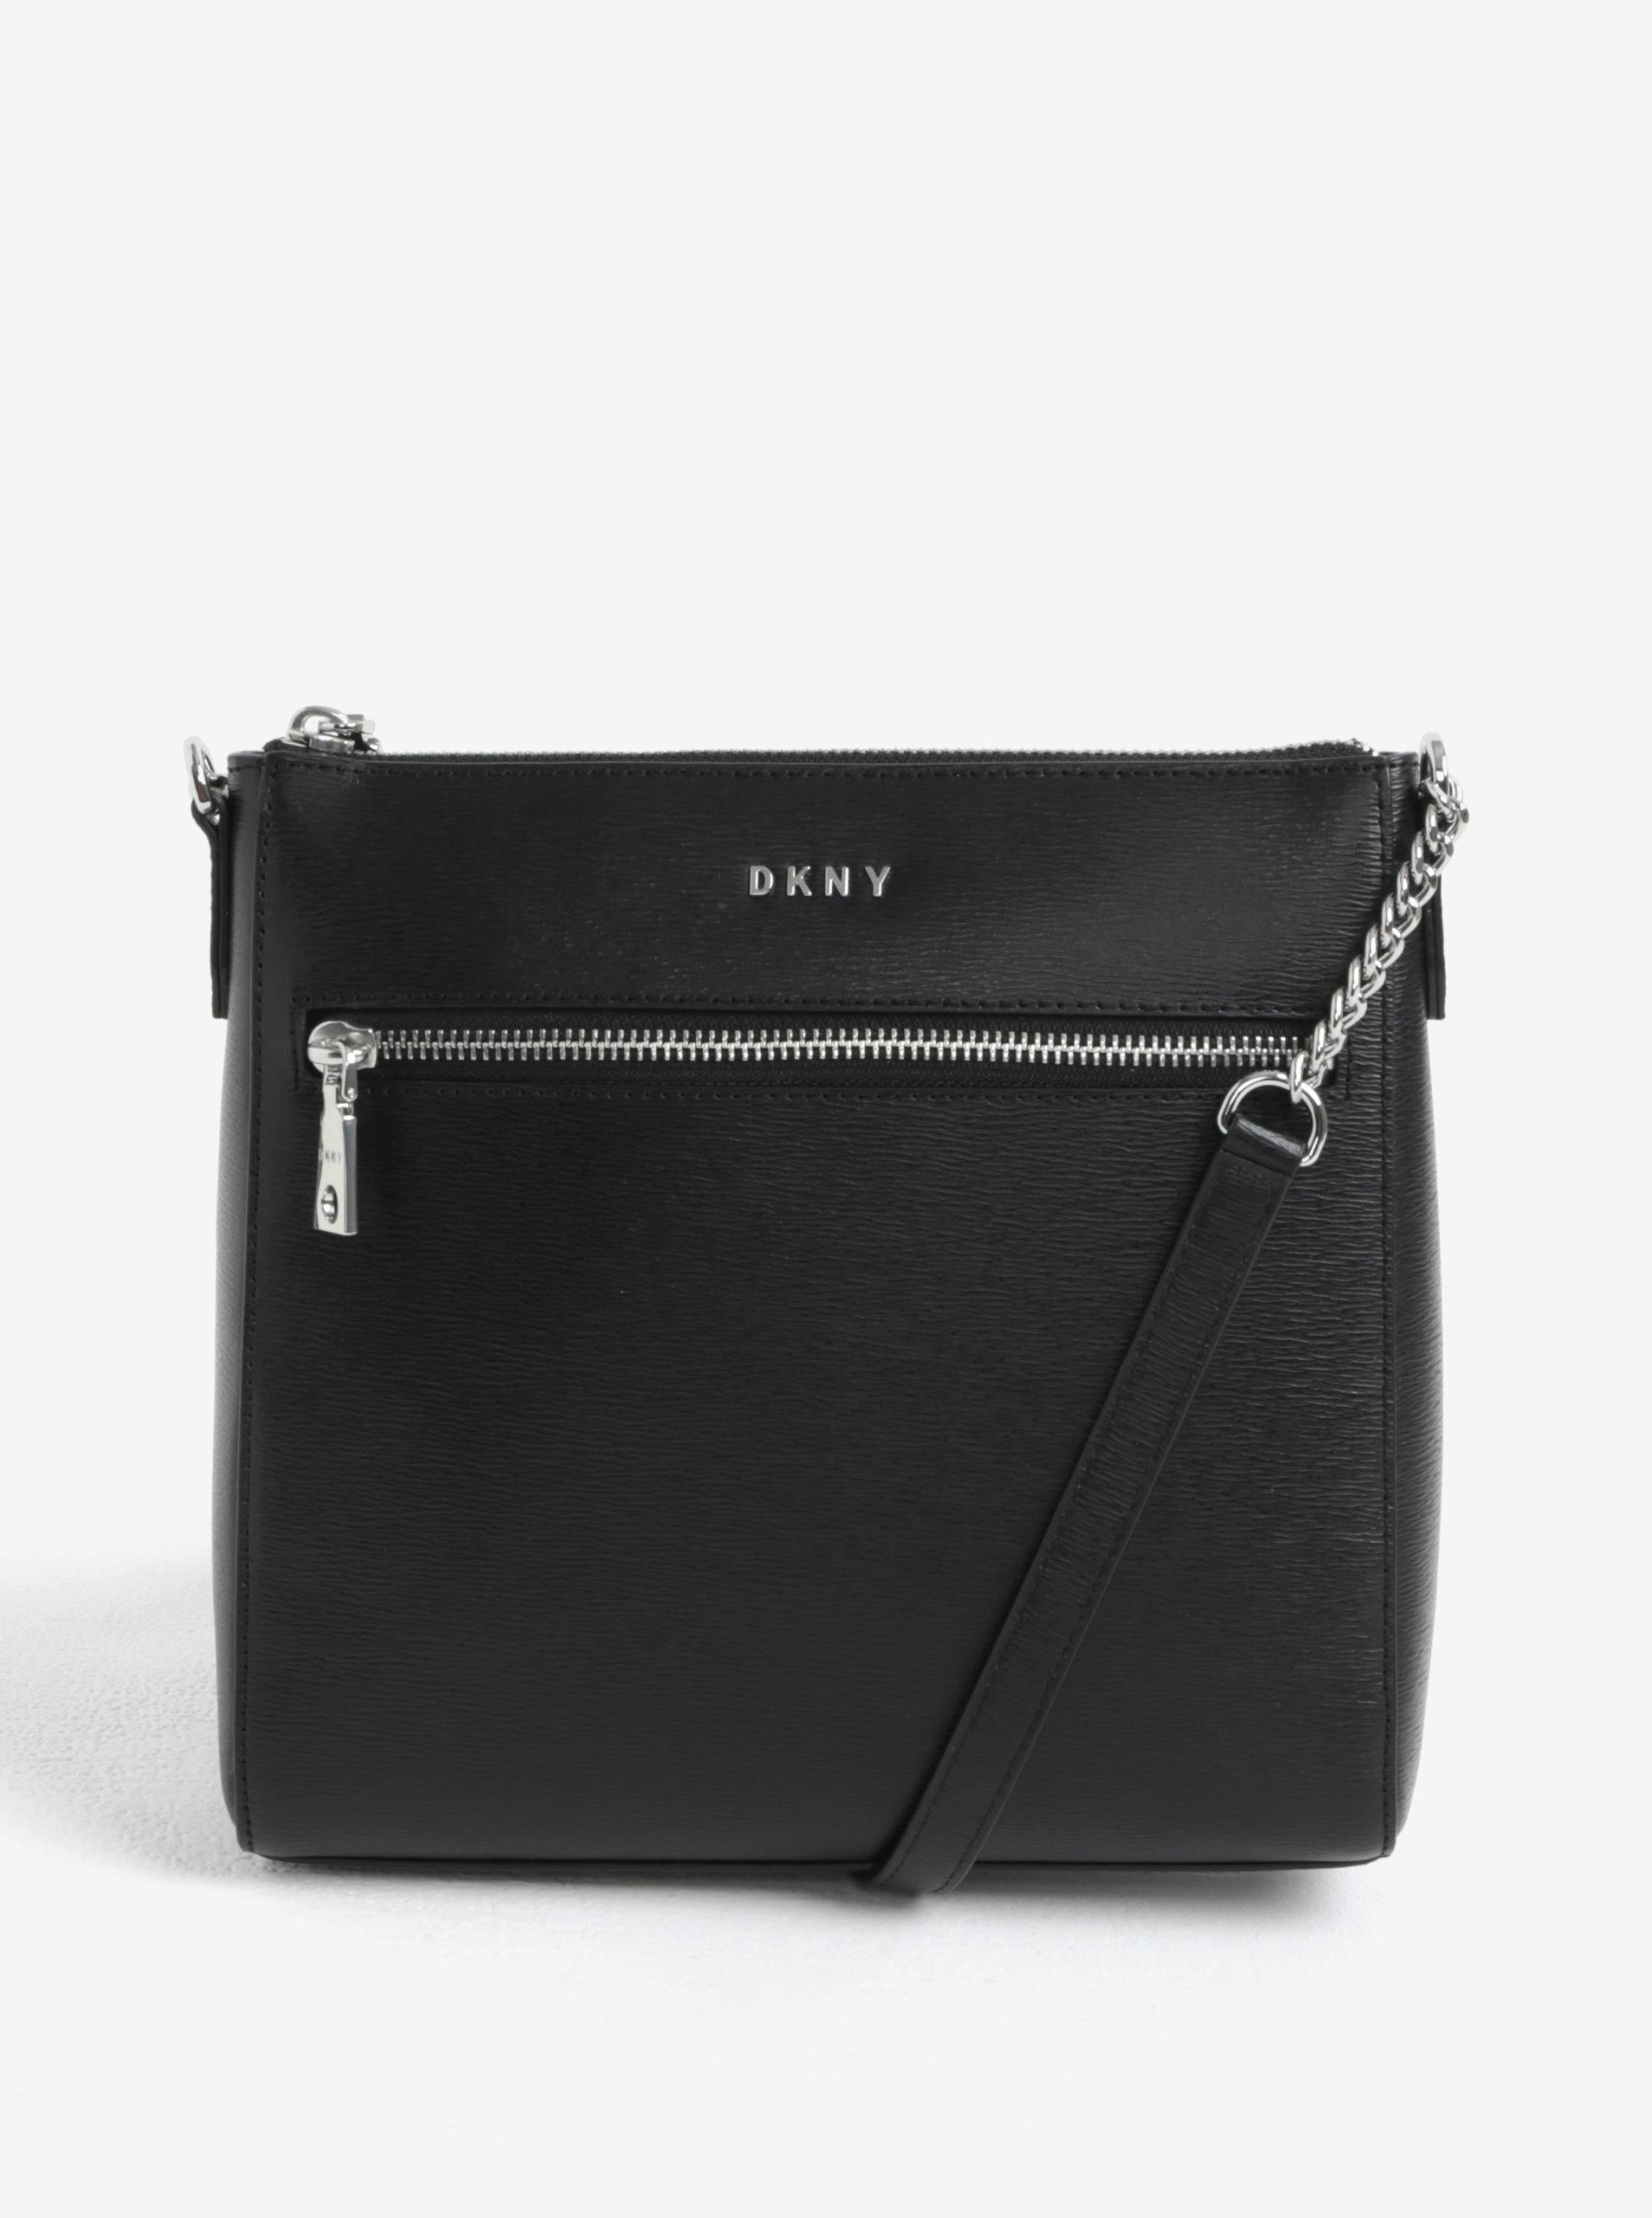 Čierna kožená crossbody kabelka s detailmi v striebornej farbe DKNY Bryant  ... 381ca9398e